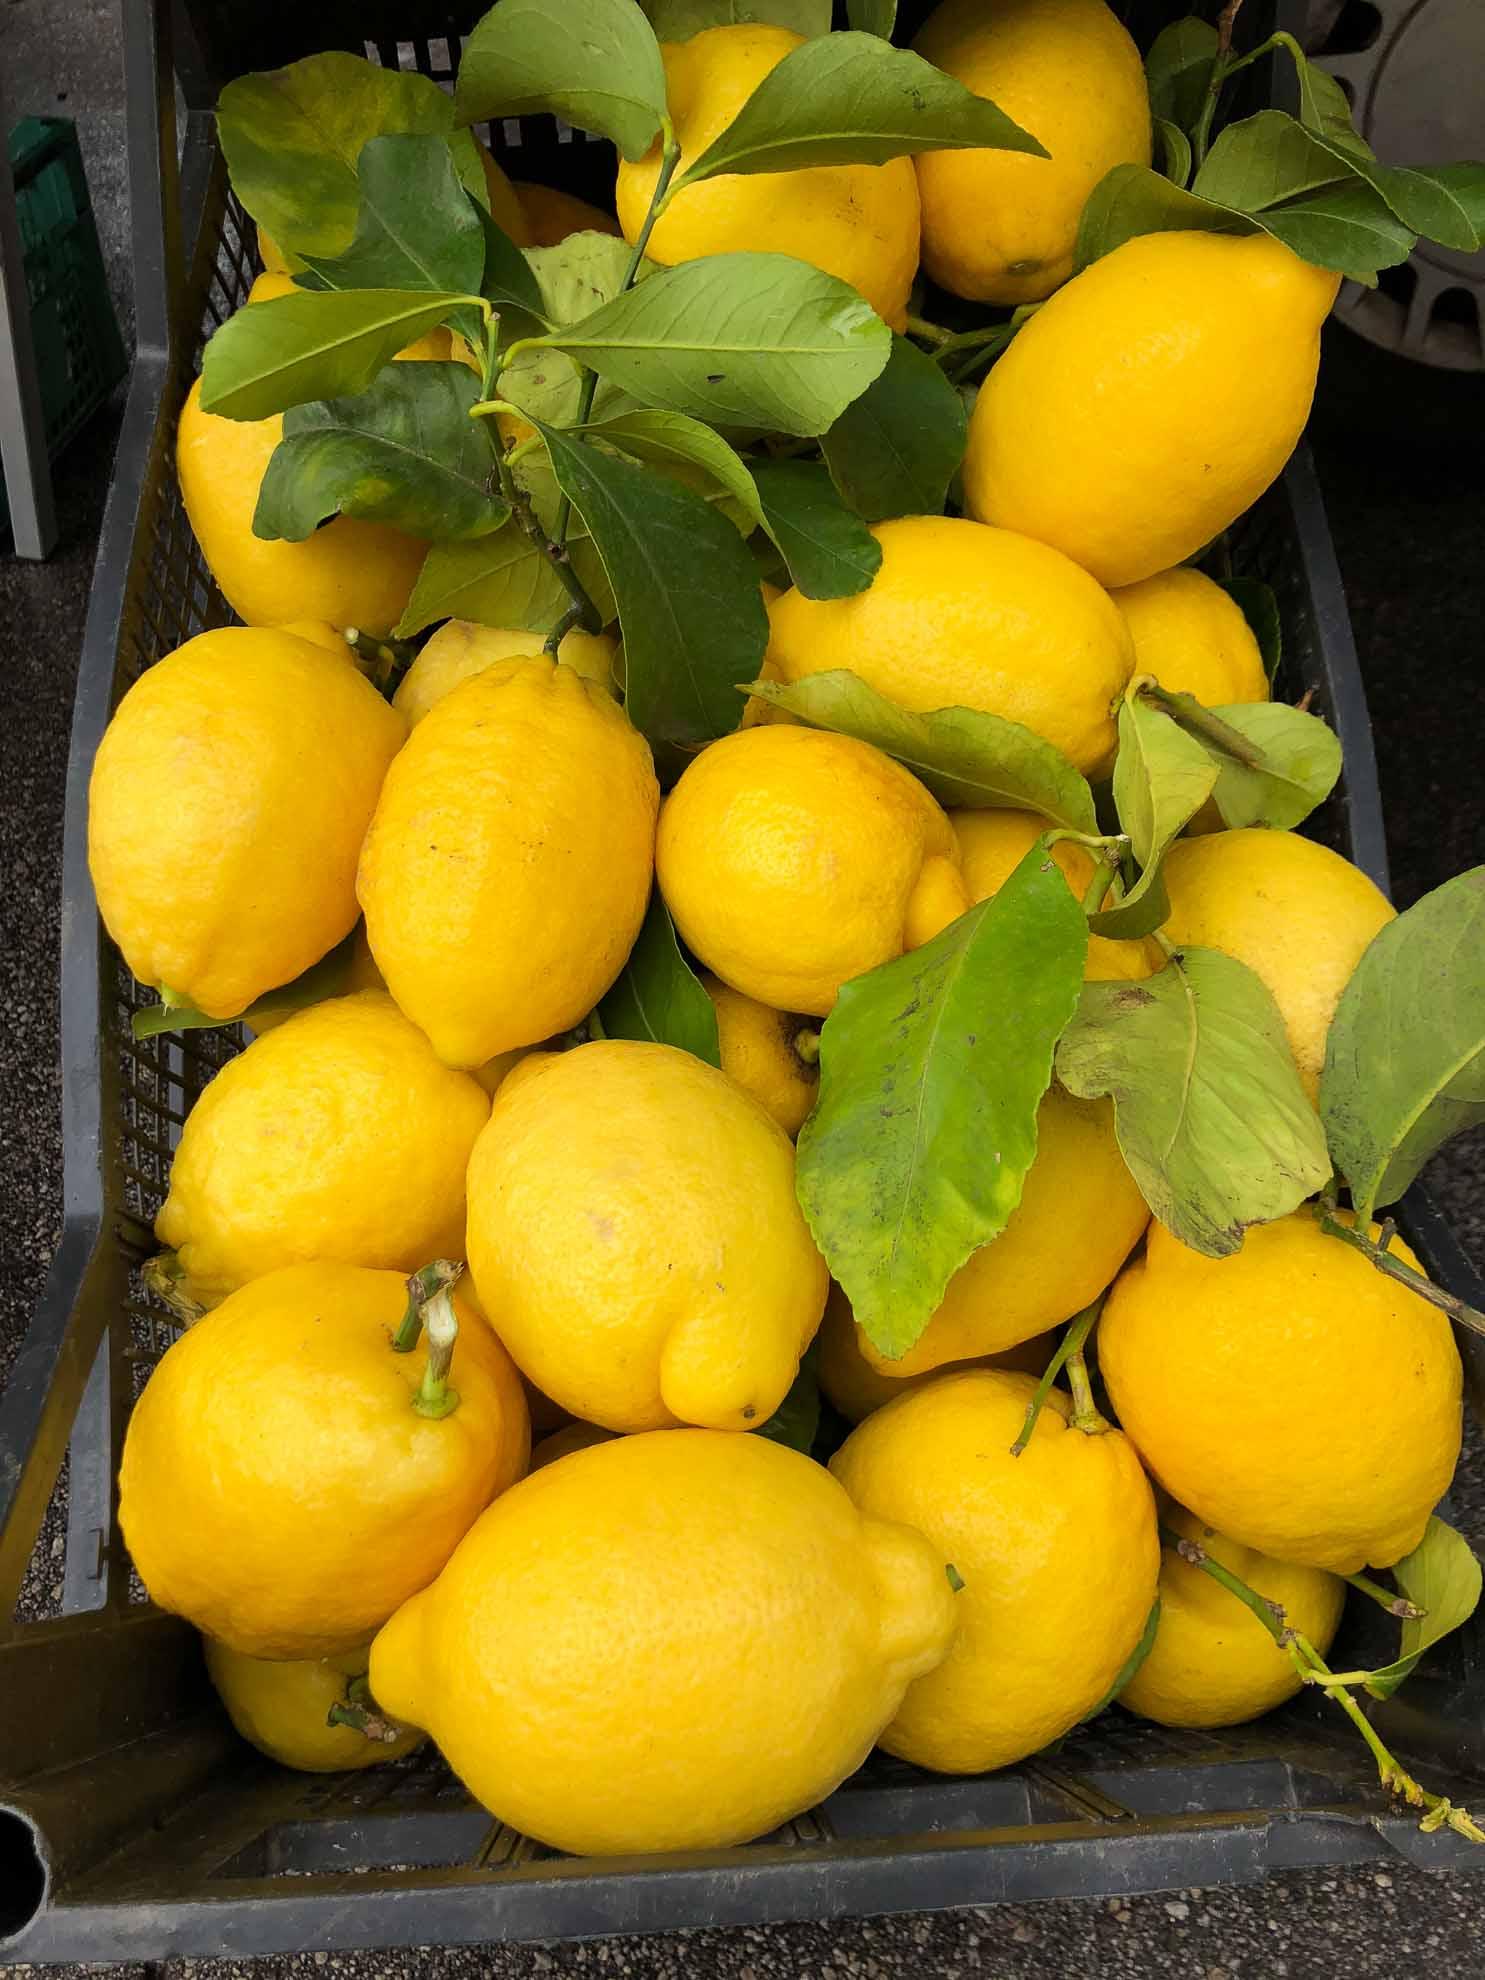 ... entdecken wir auch wieder die Amalfi-Zitronen.